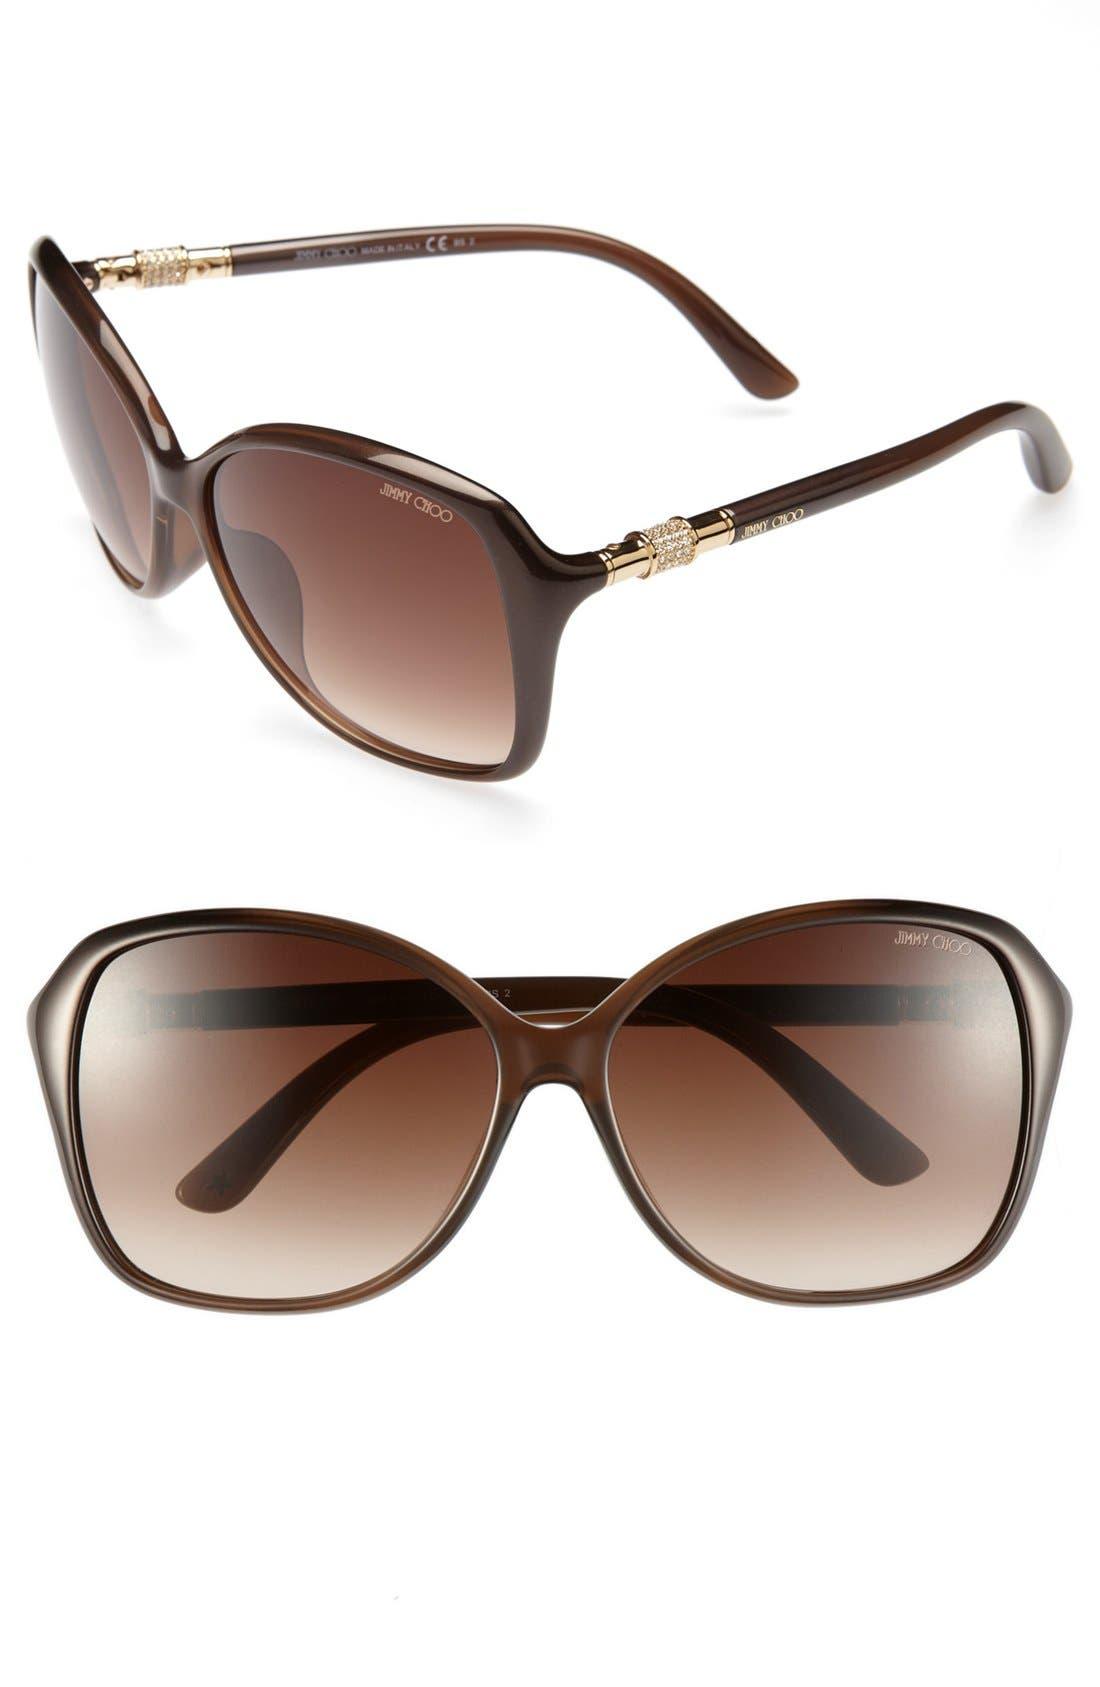 Main Image - Jimmy Choo 60mm Sunglasses